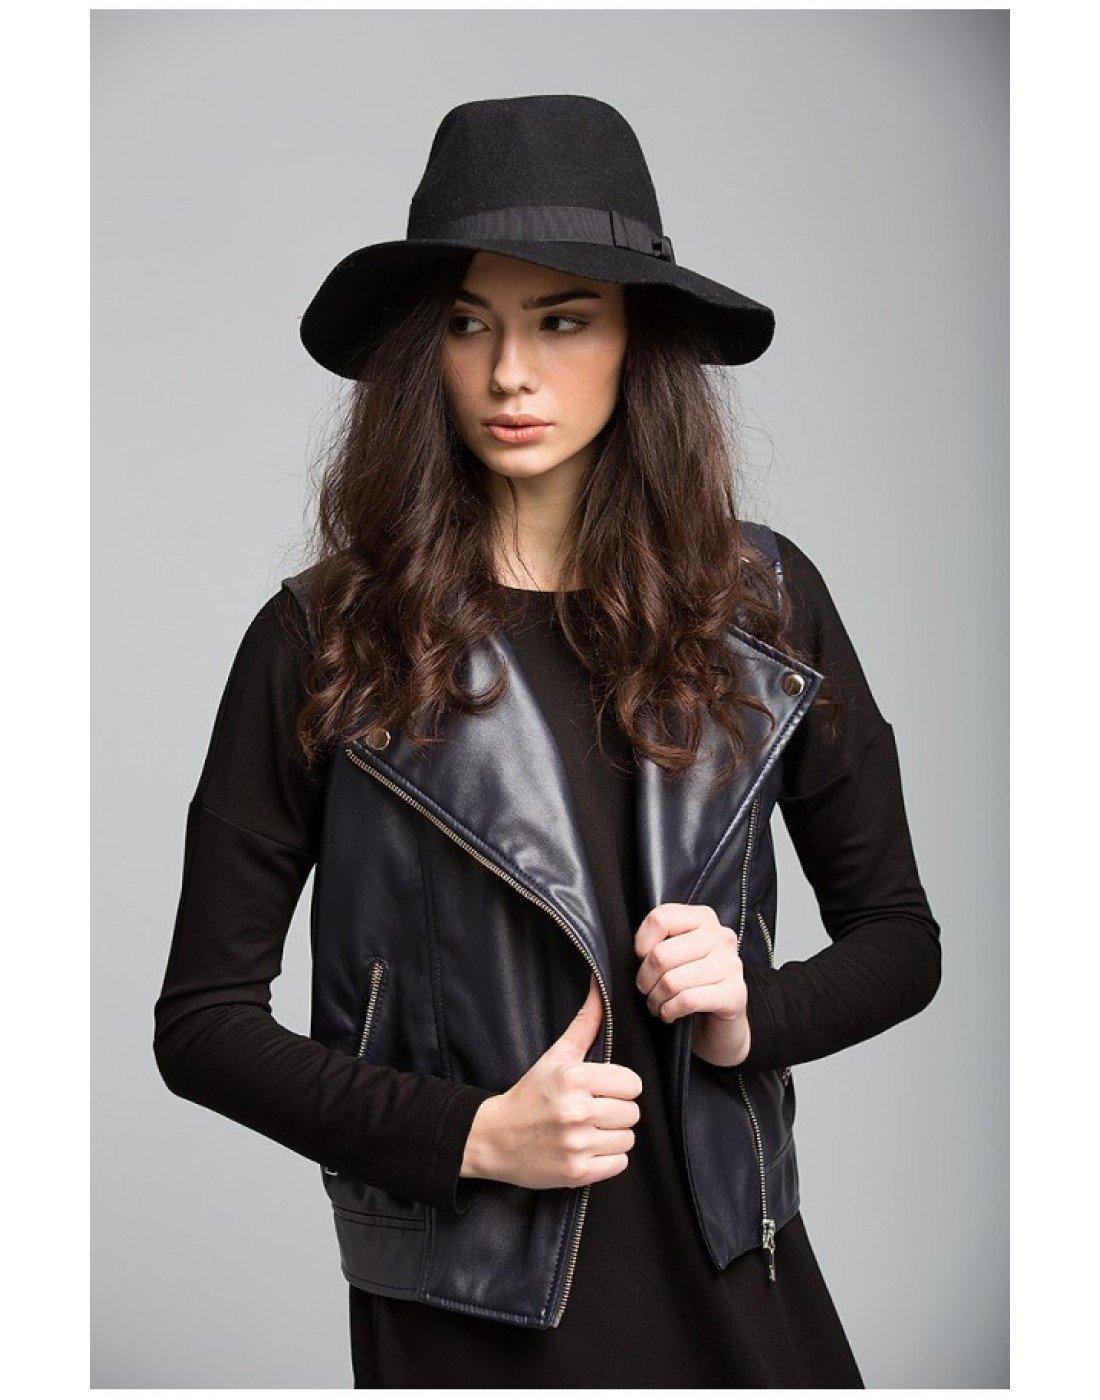 черный жилет косуха со шляпой